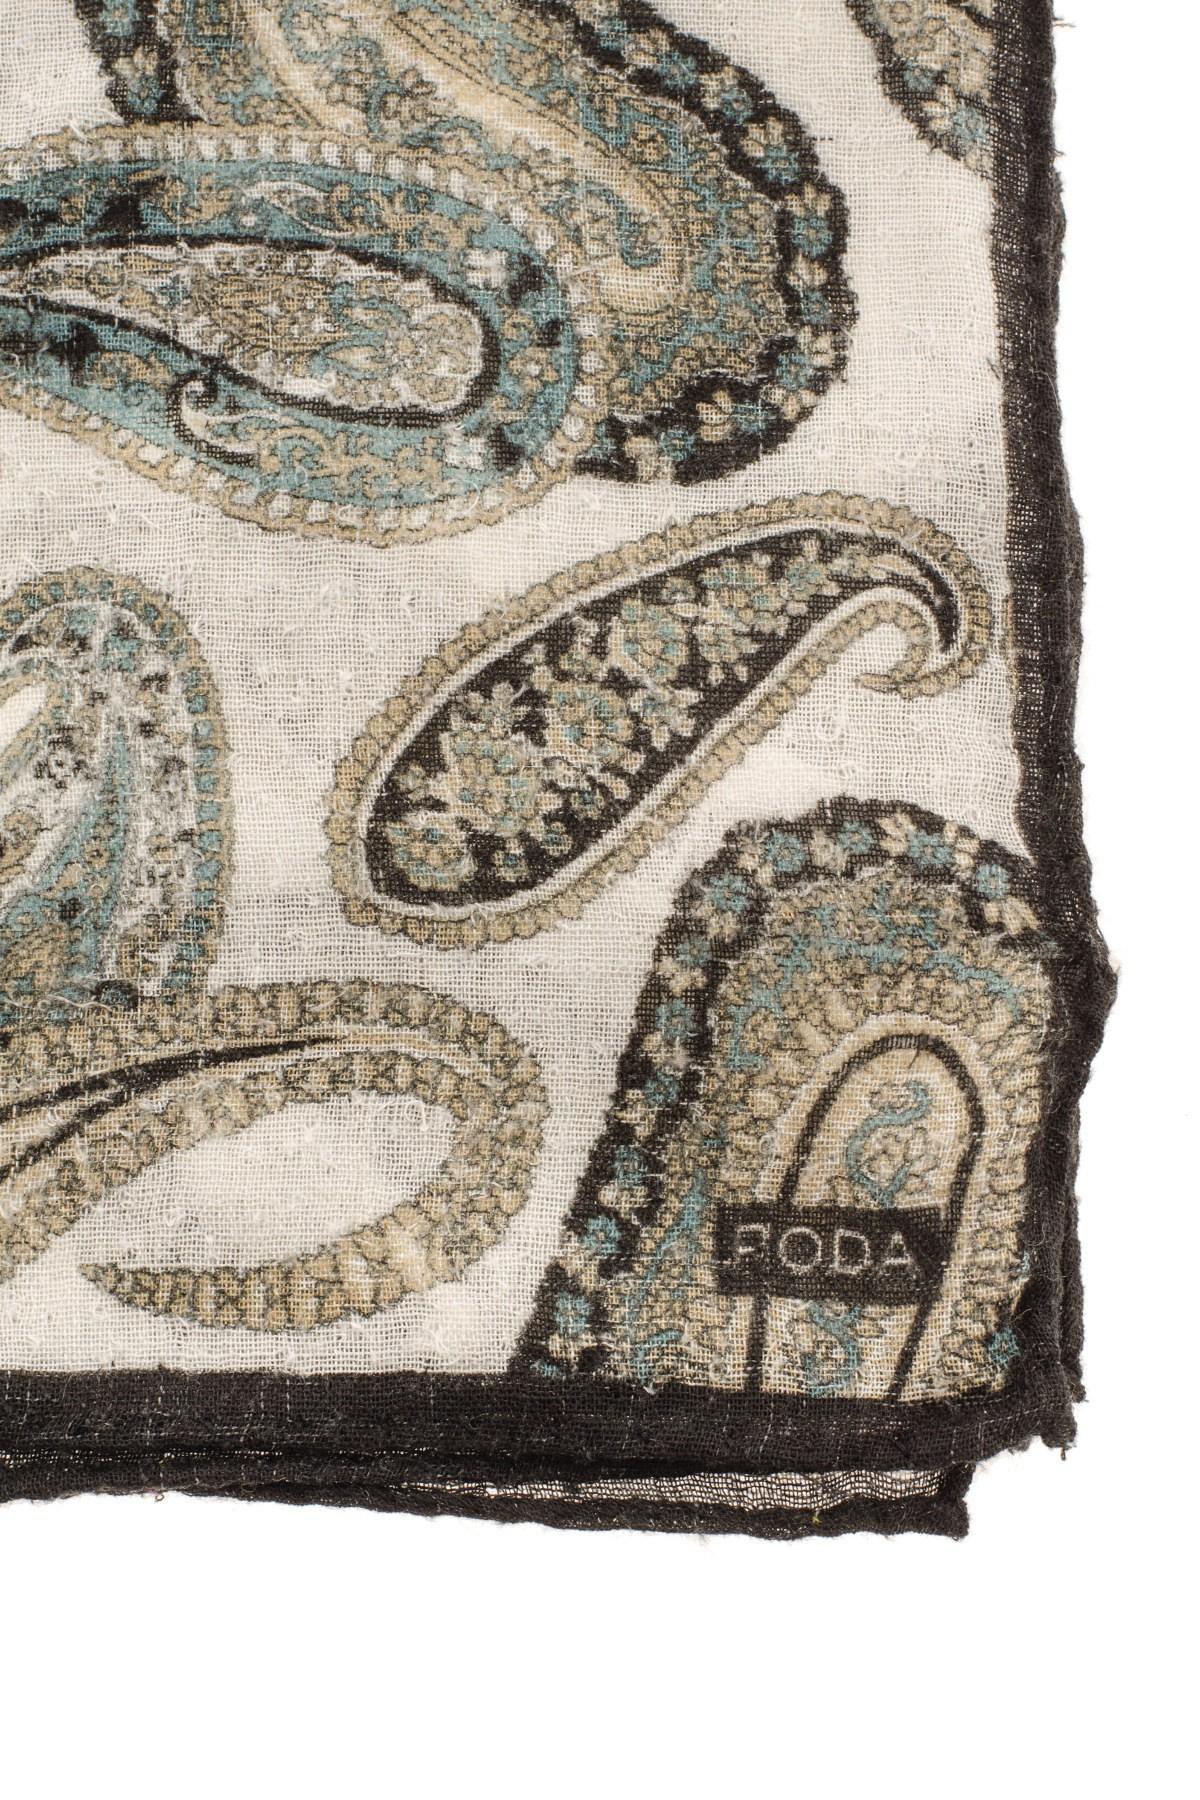 Beige patterned pocket square RODA